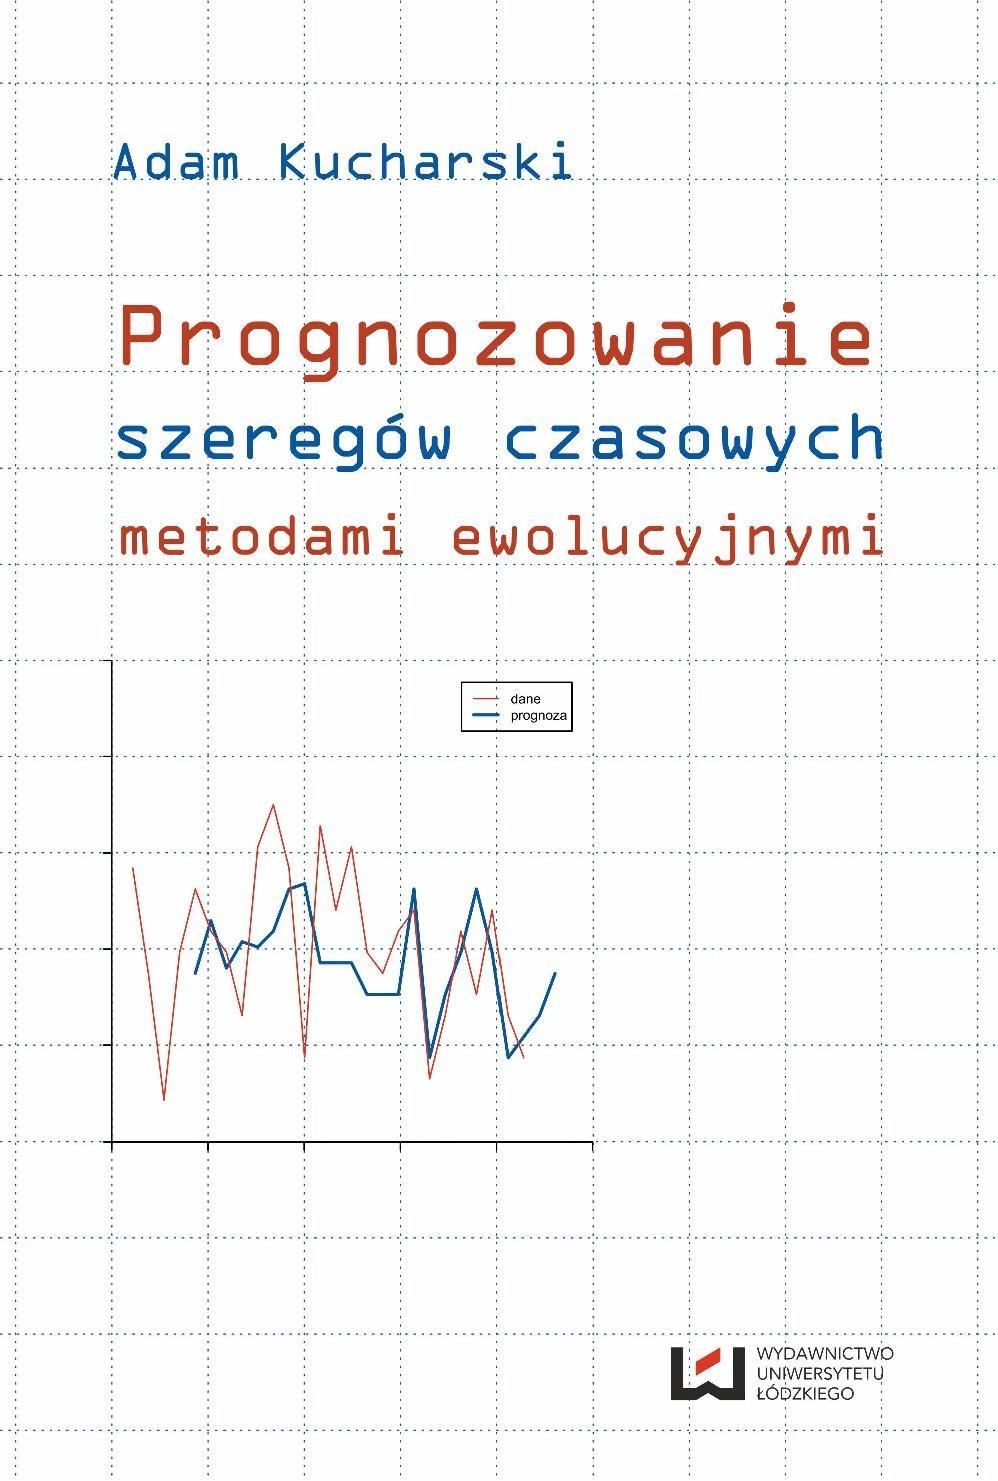 Prognozowanie szeregów czasowych metodami ewolucyjnymi - Ebook (Książka PDF) do pobrania w formacie PDF